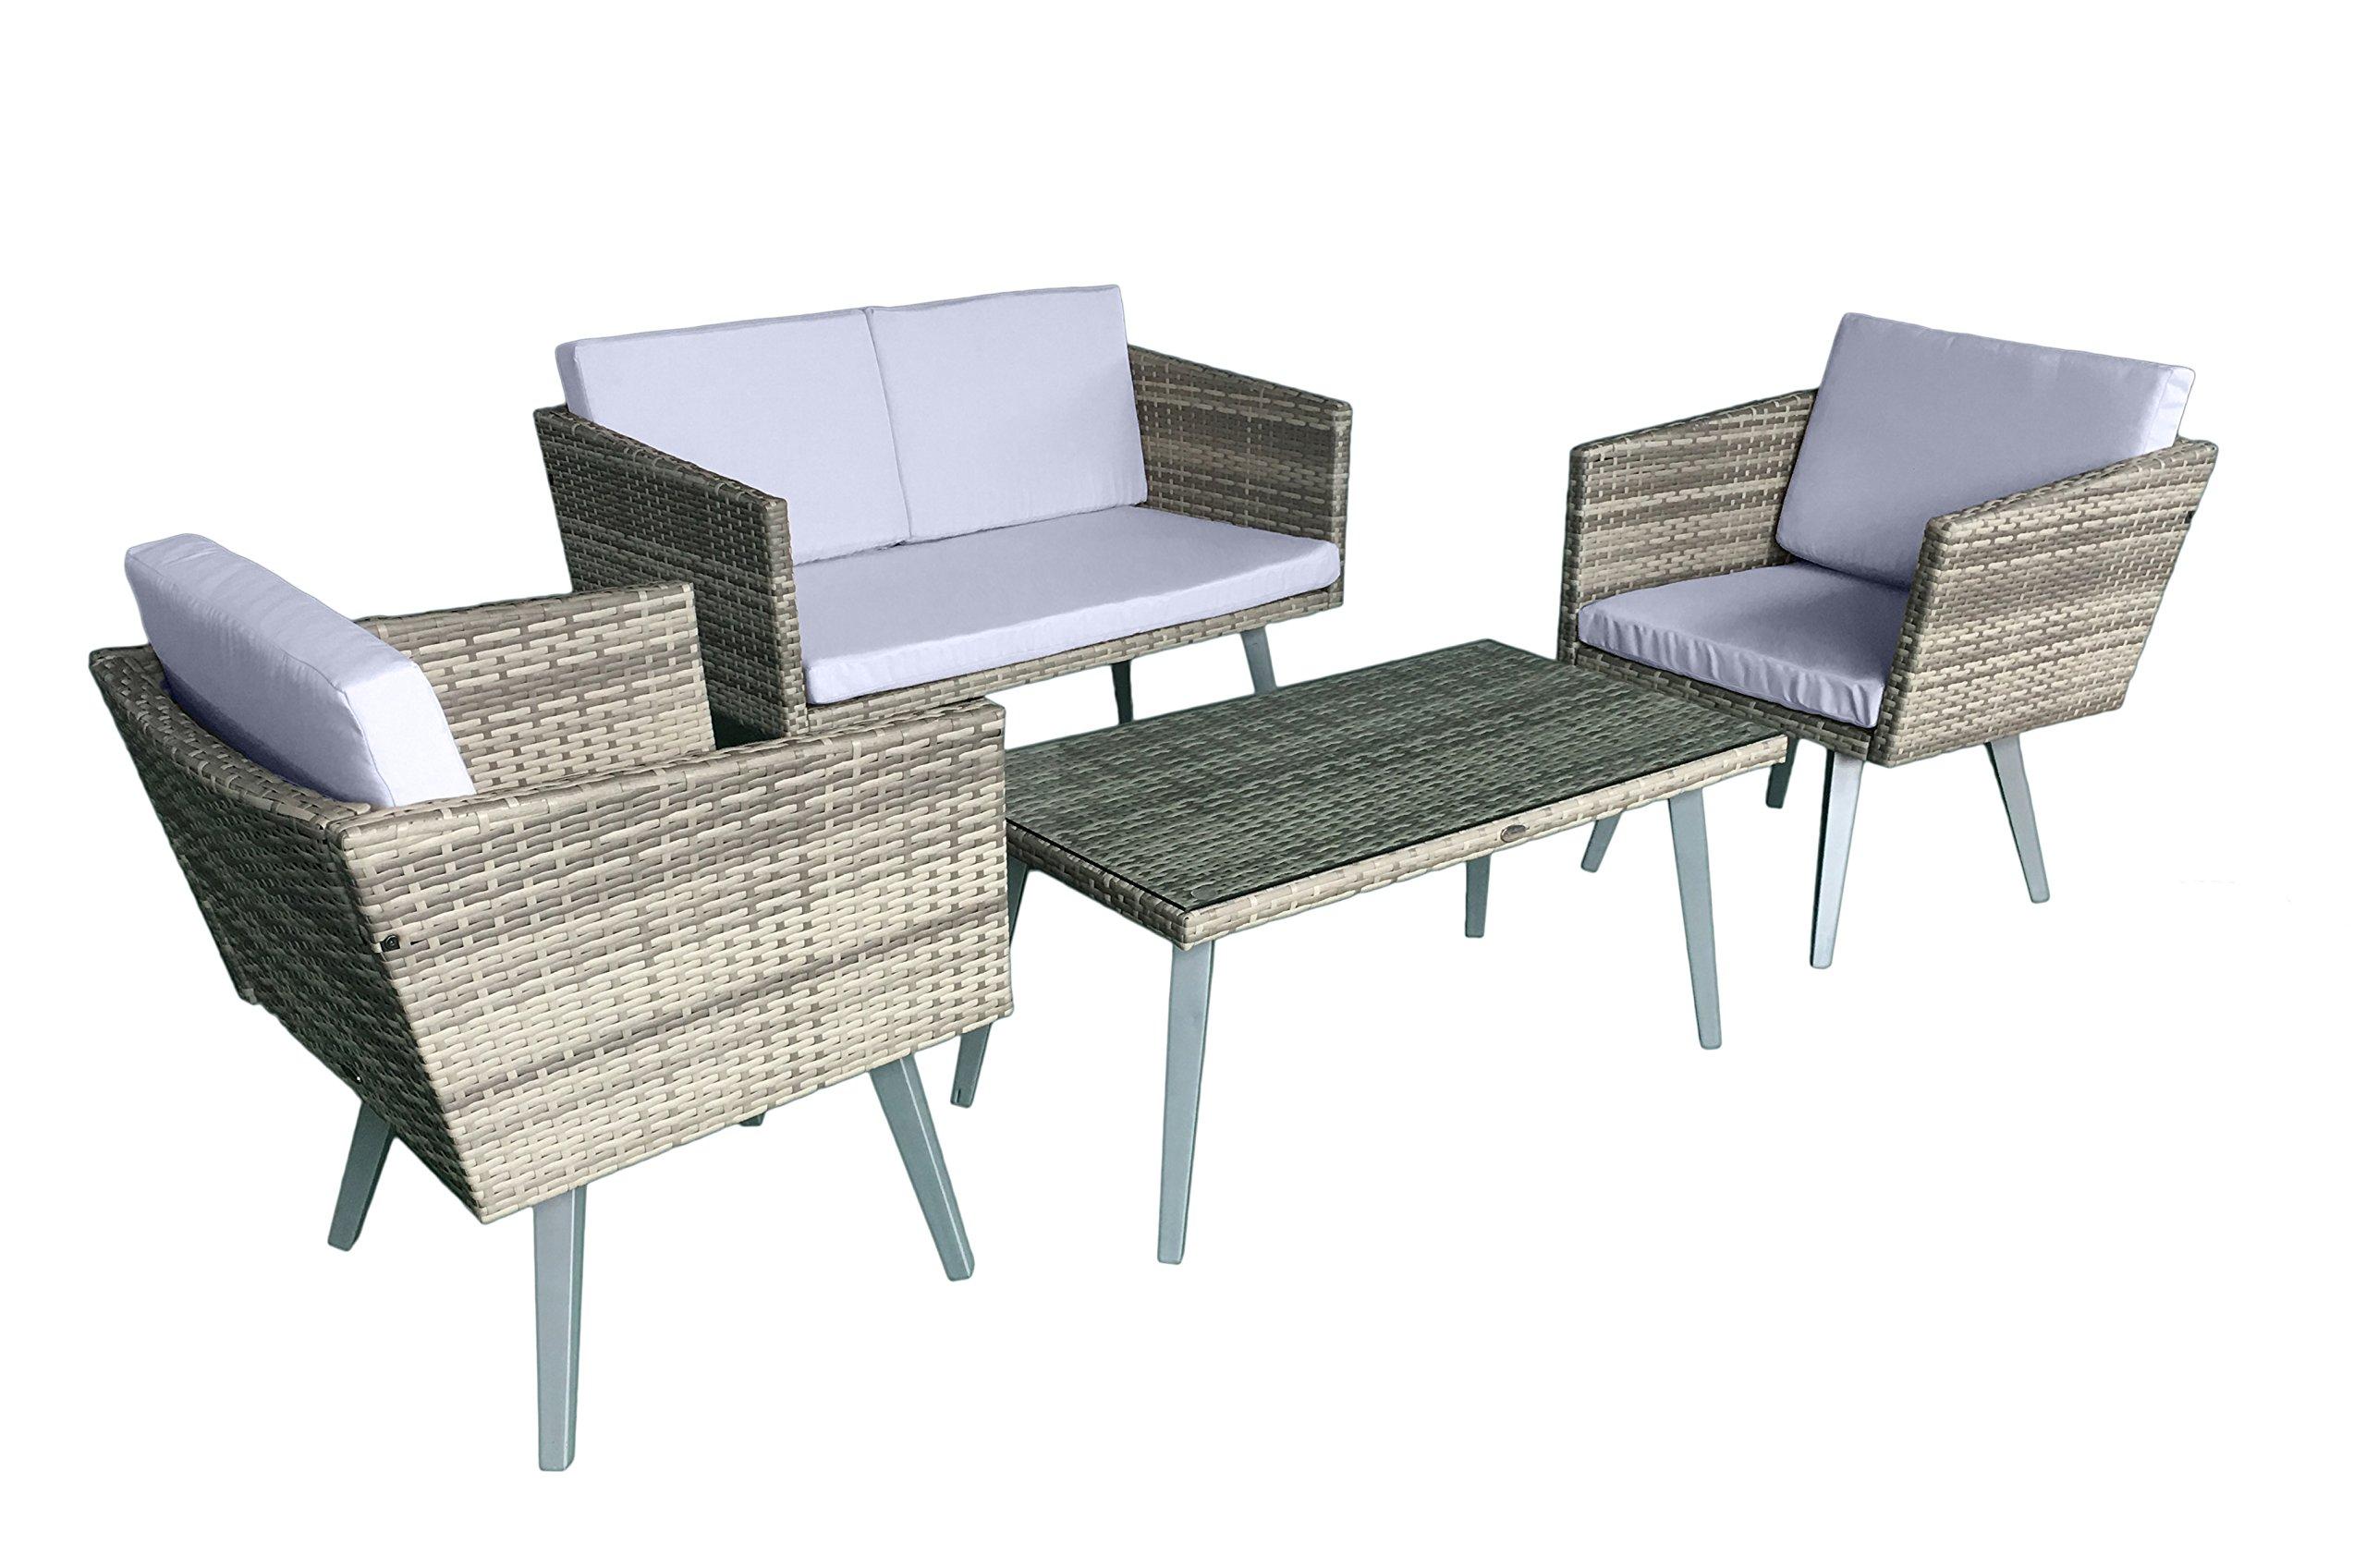 Jet Line Gartenset Cassis Gelb Grau Beige Meliert Lounge Garten Set